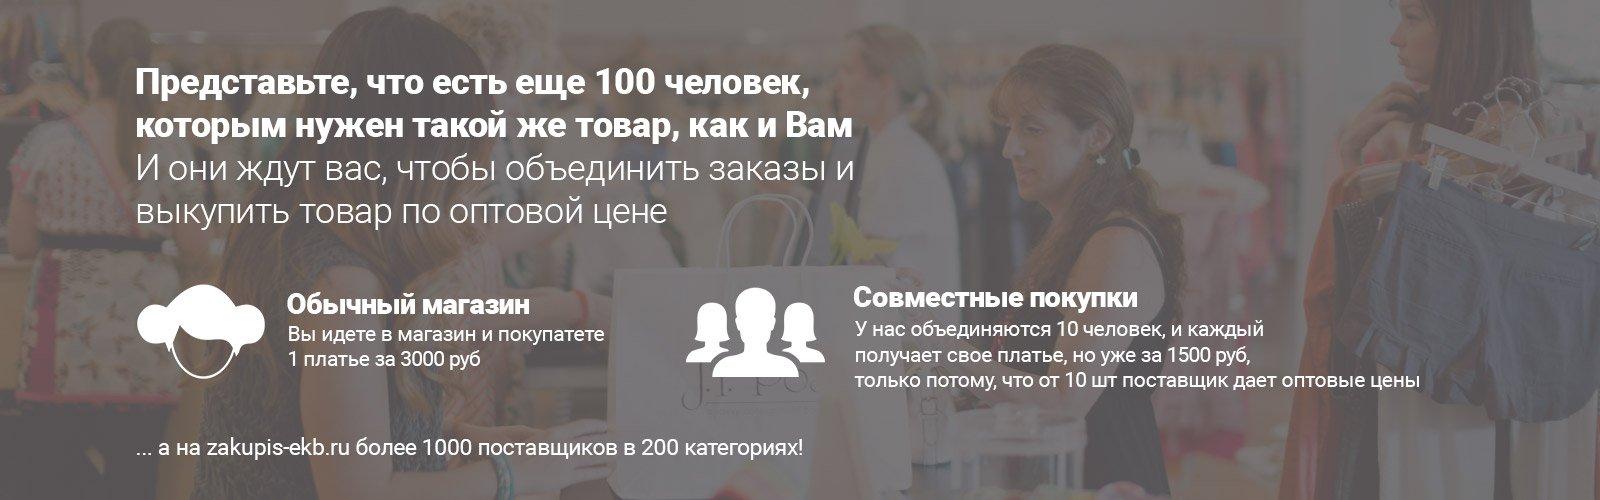 ade92b30acc1 Совместные закупки Екатеринбург   Закупись! - огромный выбор детской ...